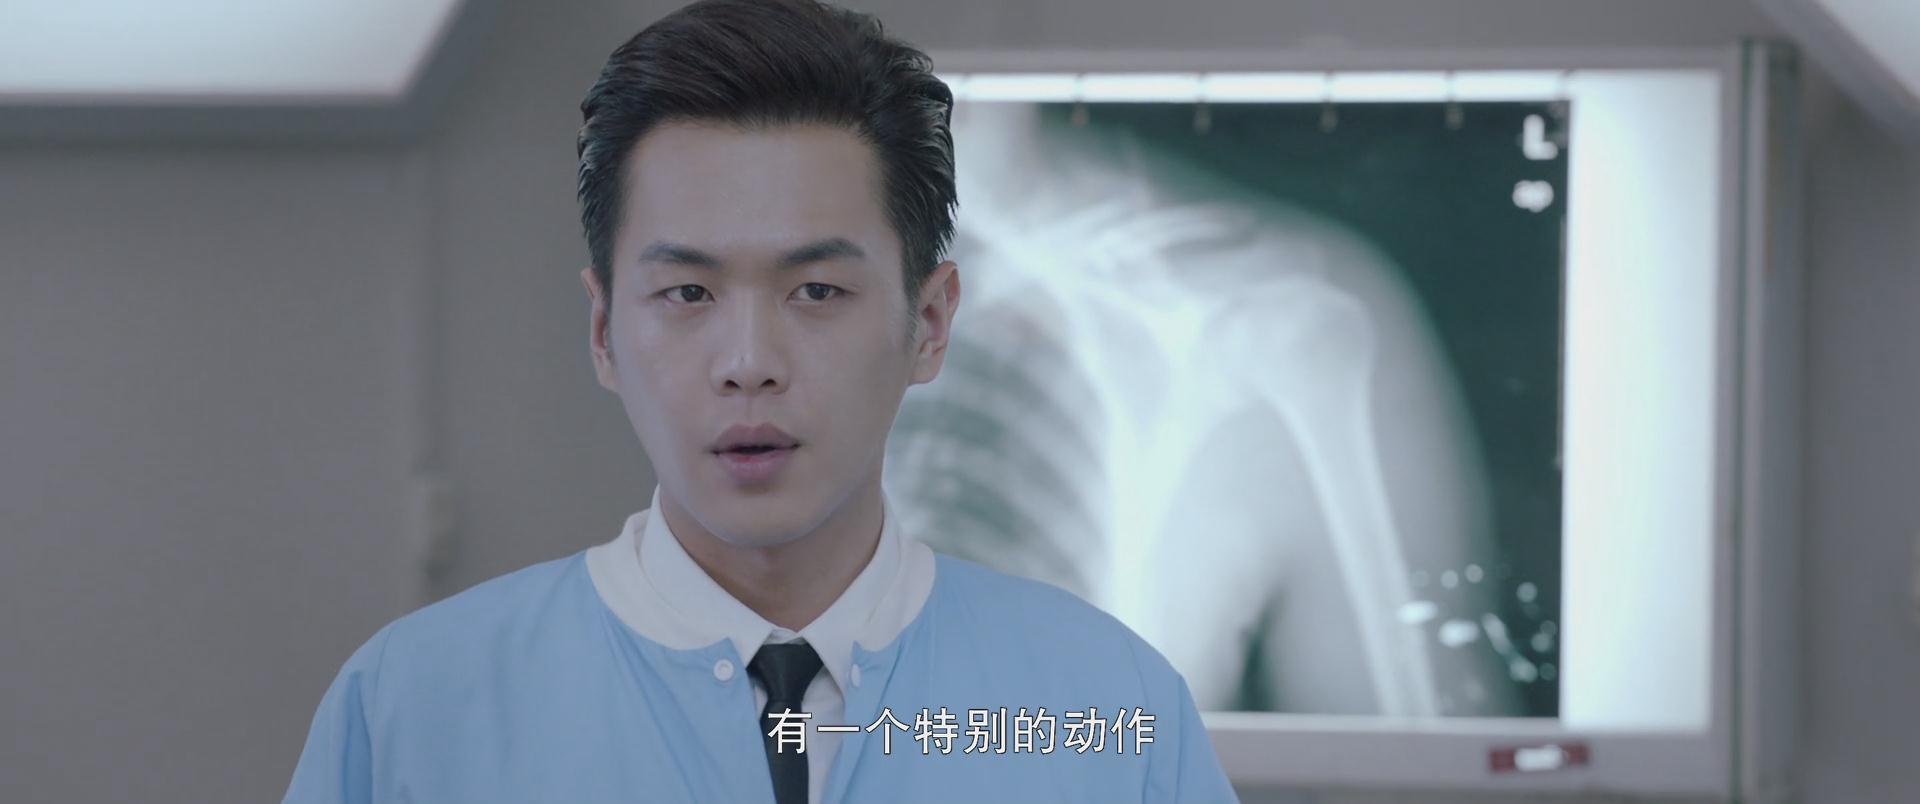 法医秦明-003